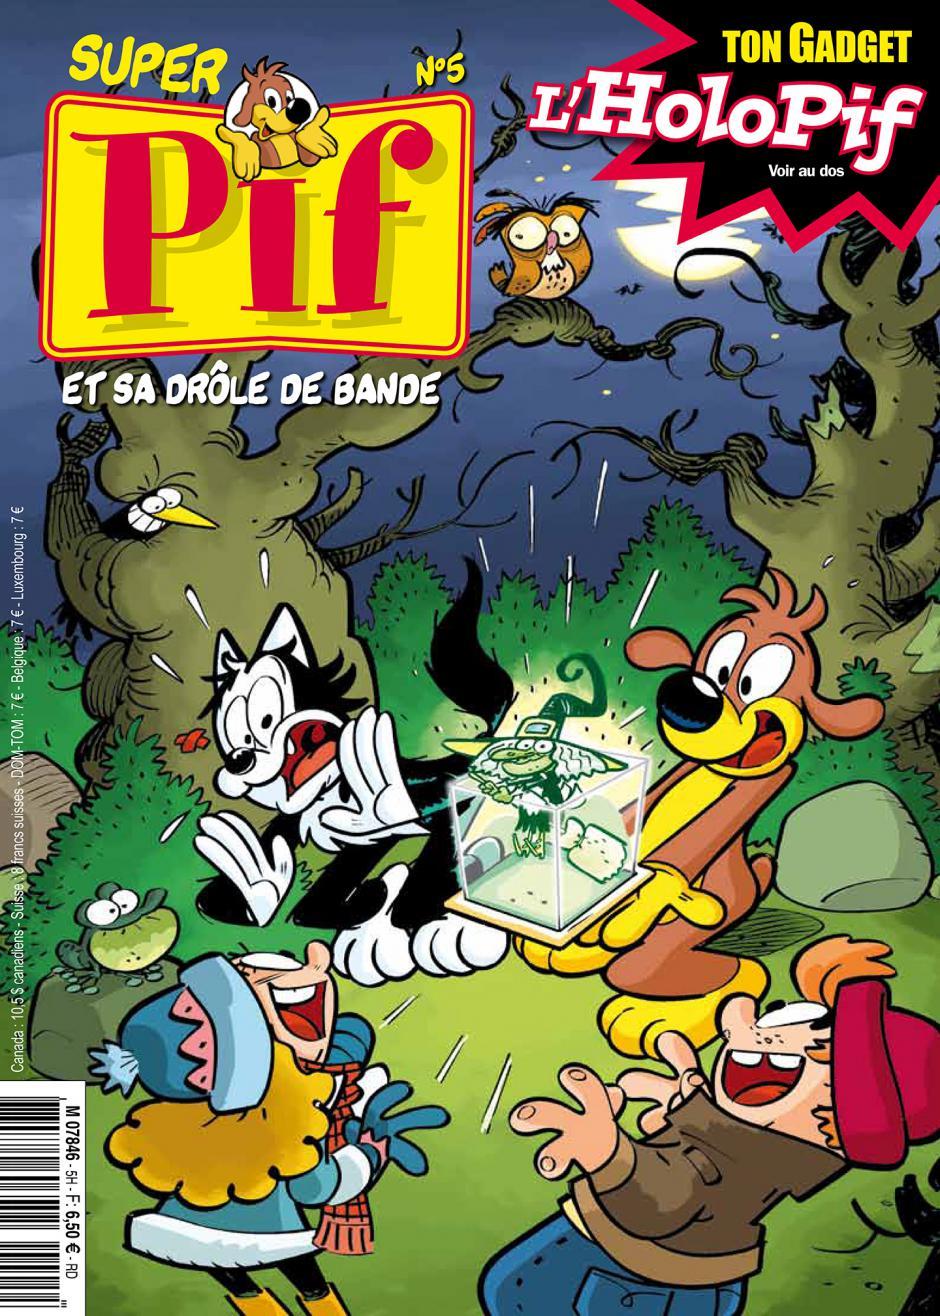 Super Pif n° 5, sa drôle de bande et son gadget ! - 6,50 €